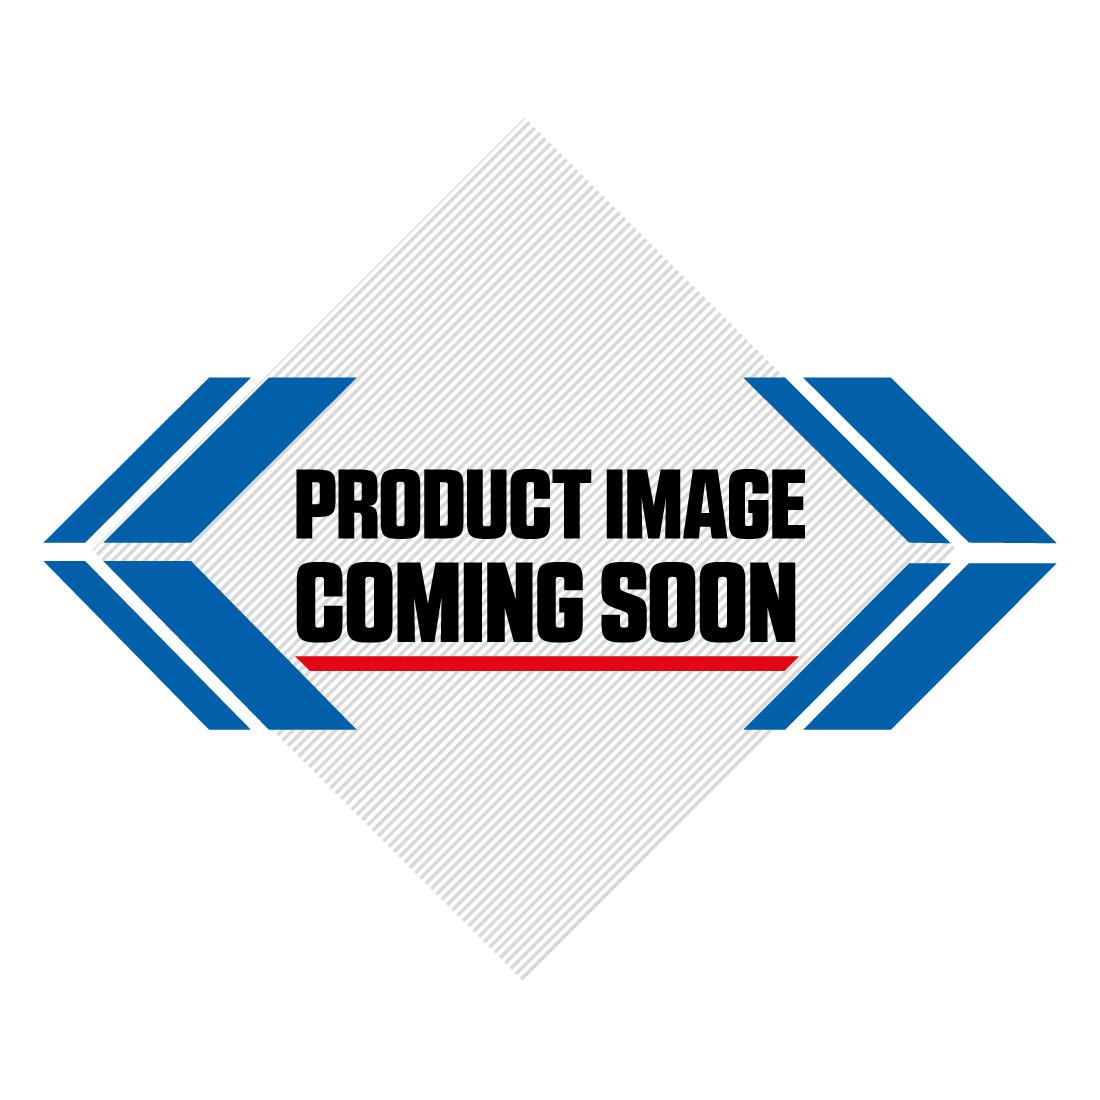 UFO Red White Blue Proton MX Kit Combo Image-1>